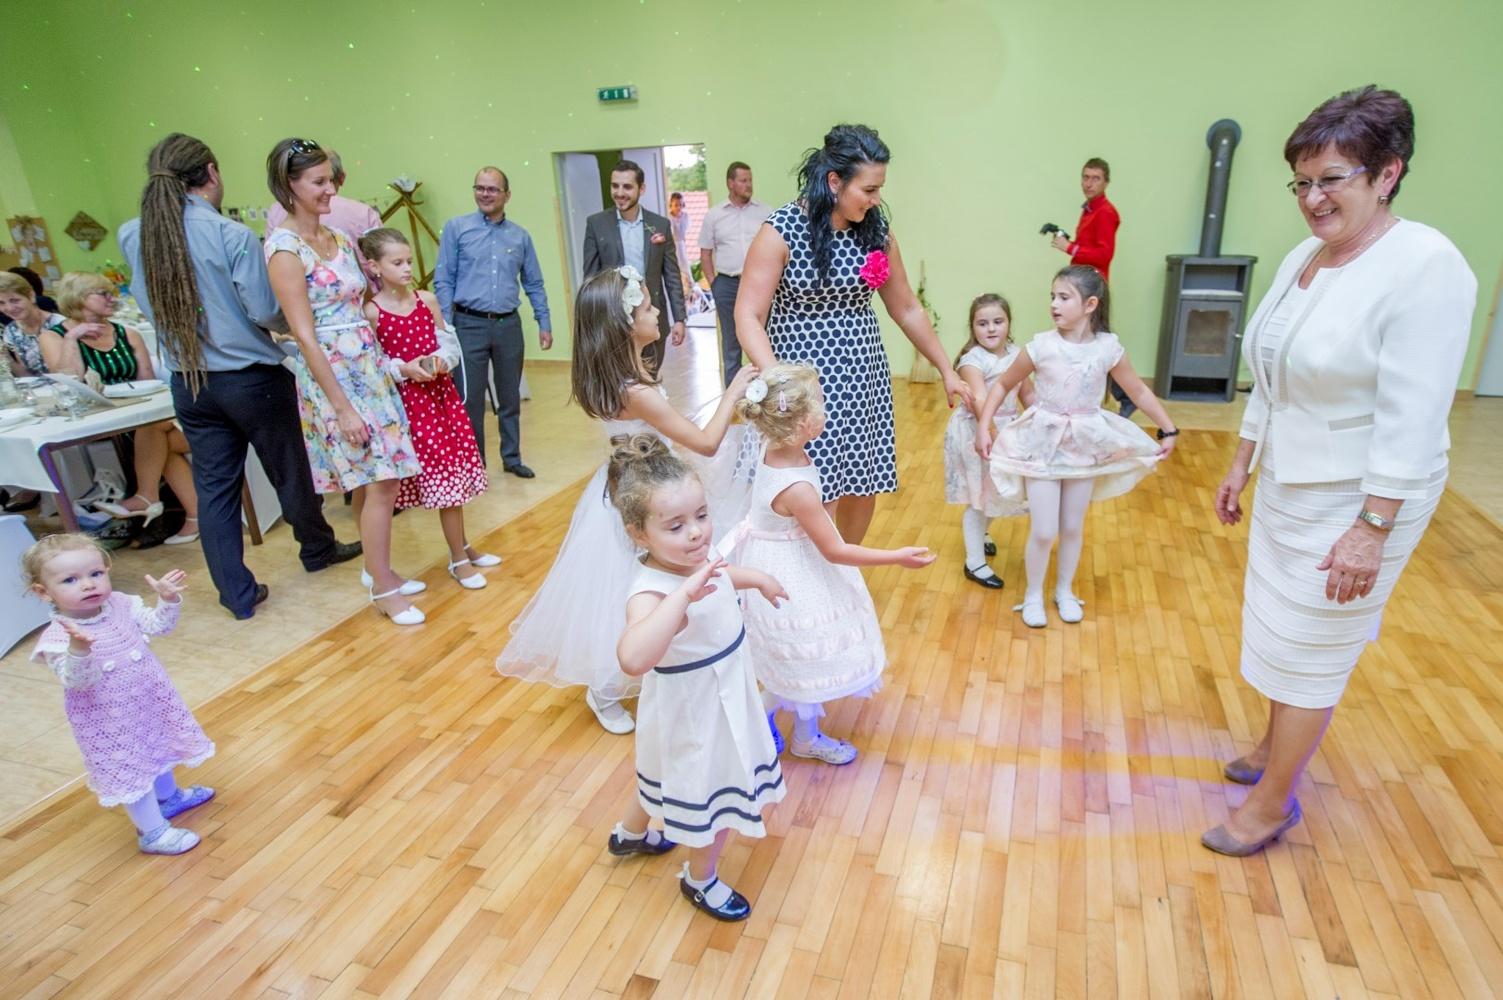 http://www.fotoz.sk/images/gallery-8/normal/eskuvoi-fotos_svadobny-fotograf_509.jpg